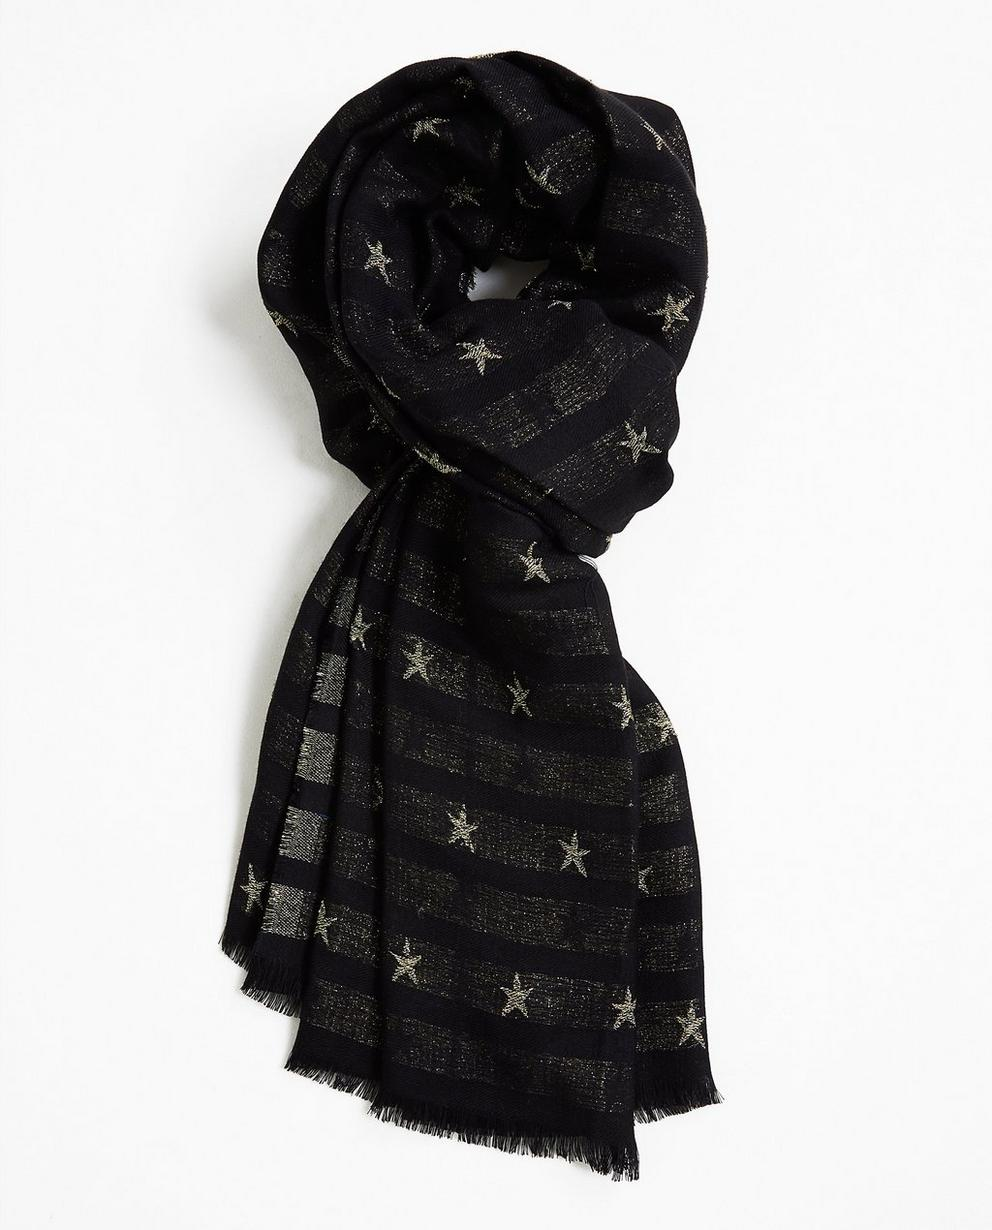 Sjaal met sterrenprint - in zwart - JBC